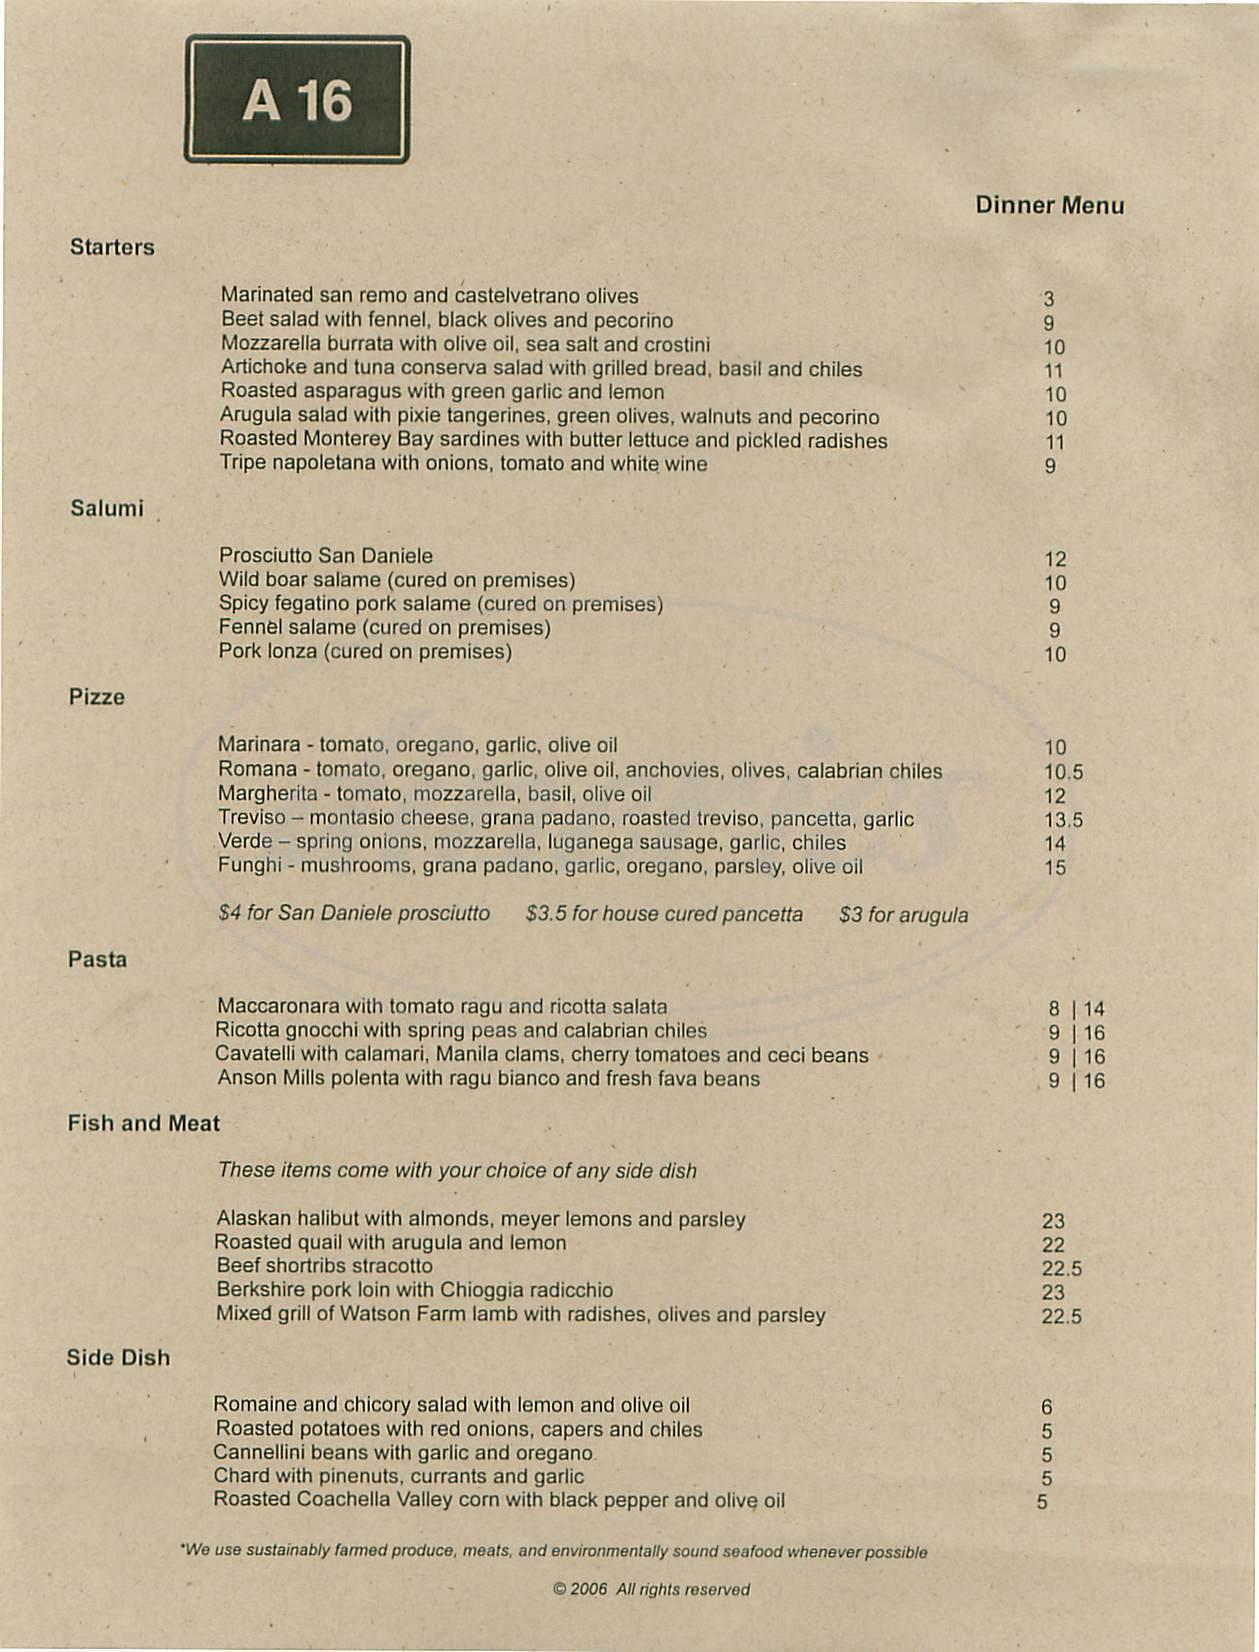 menu for A 16